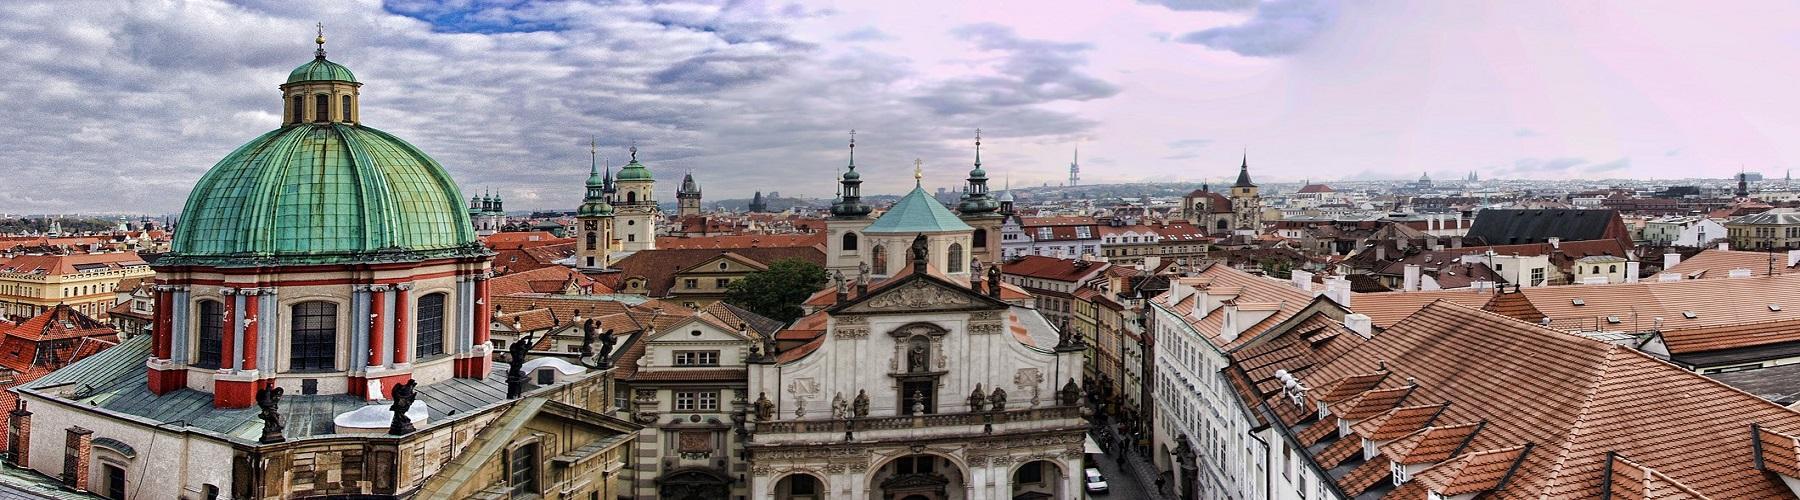 Города Европы для путешествий